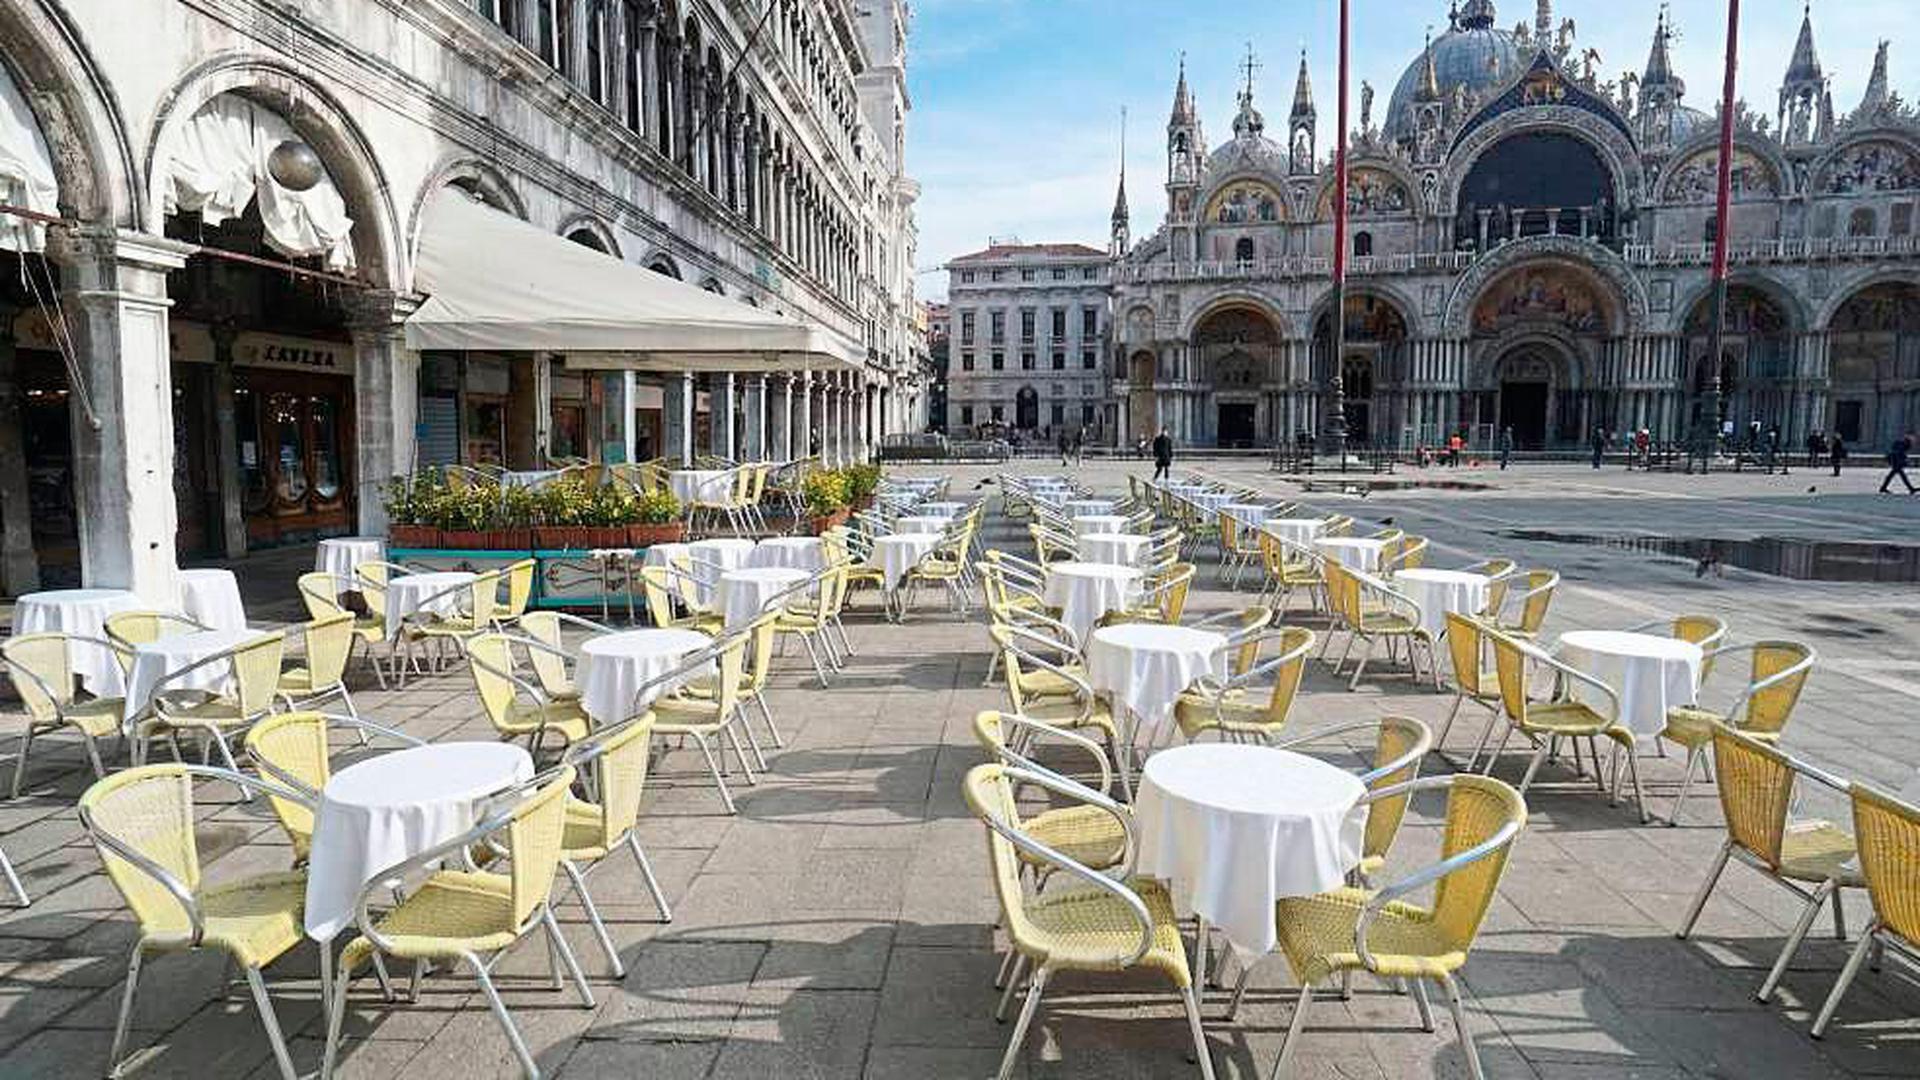 Leere Stühle und Tische stehen vor einem Restaurant auf dem Markusplatz in Venedig, wo nur noch sehr wenige Touristen unterwegs sind.